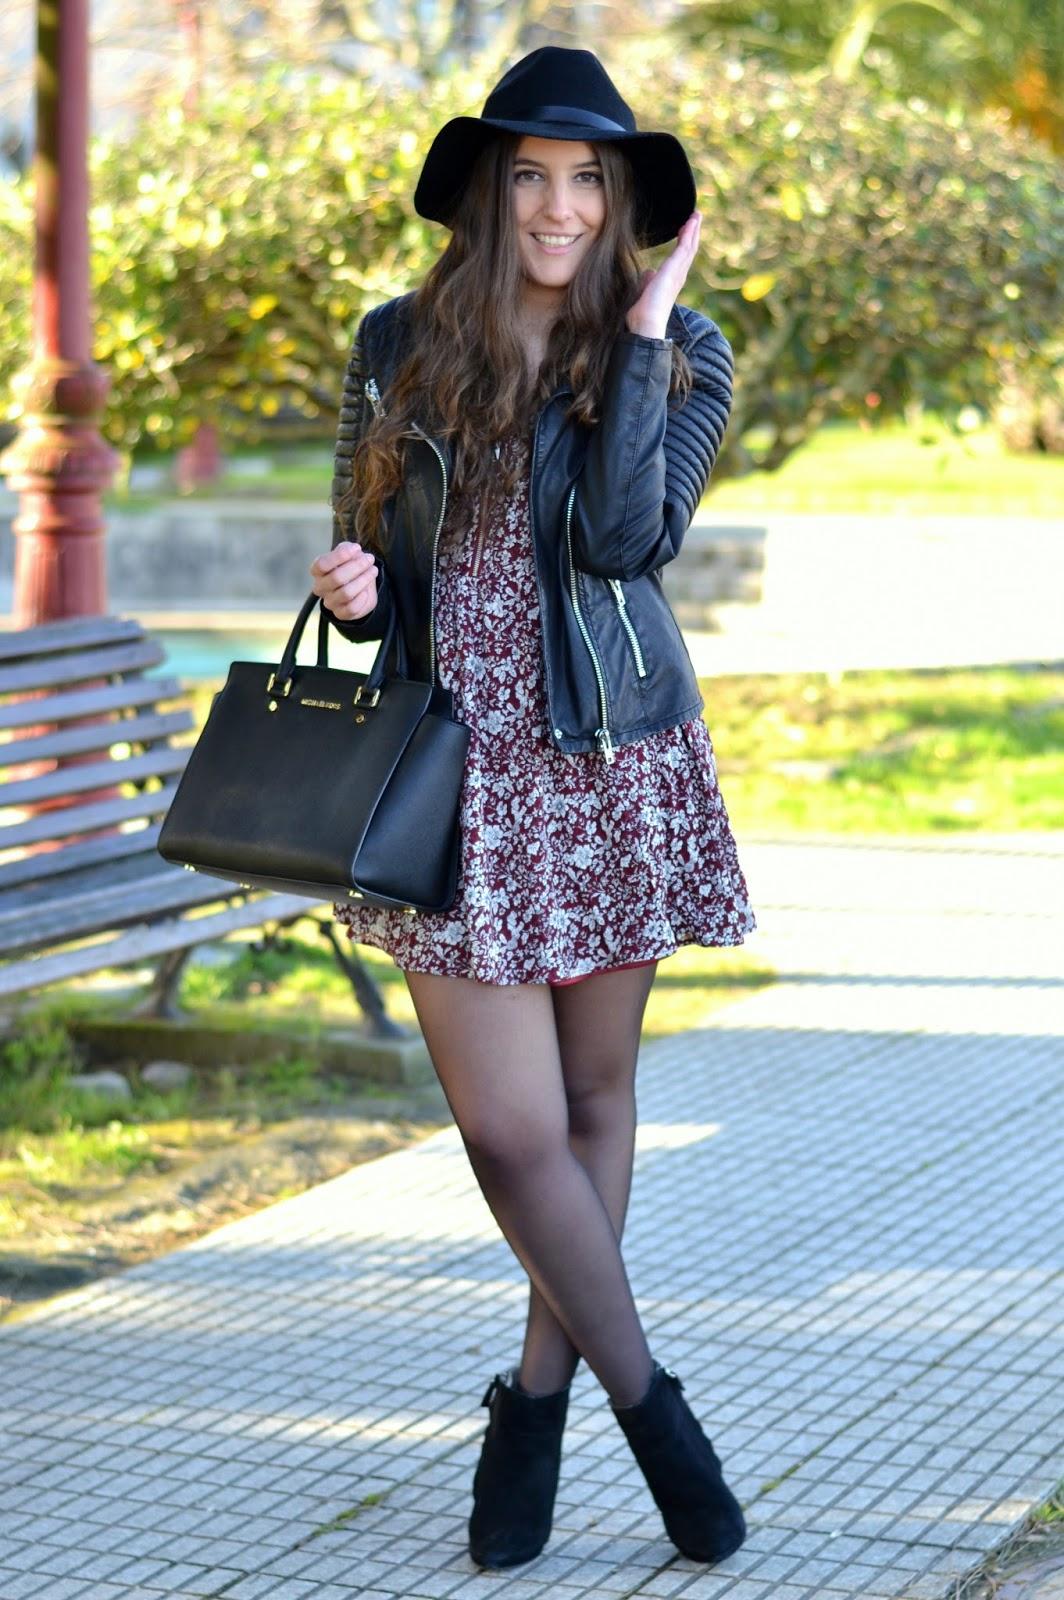 cazadora de cuero con vestido de flores